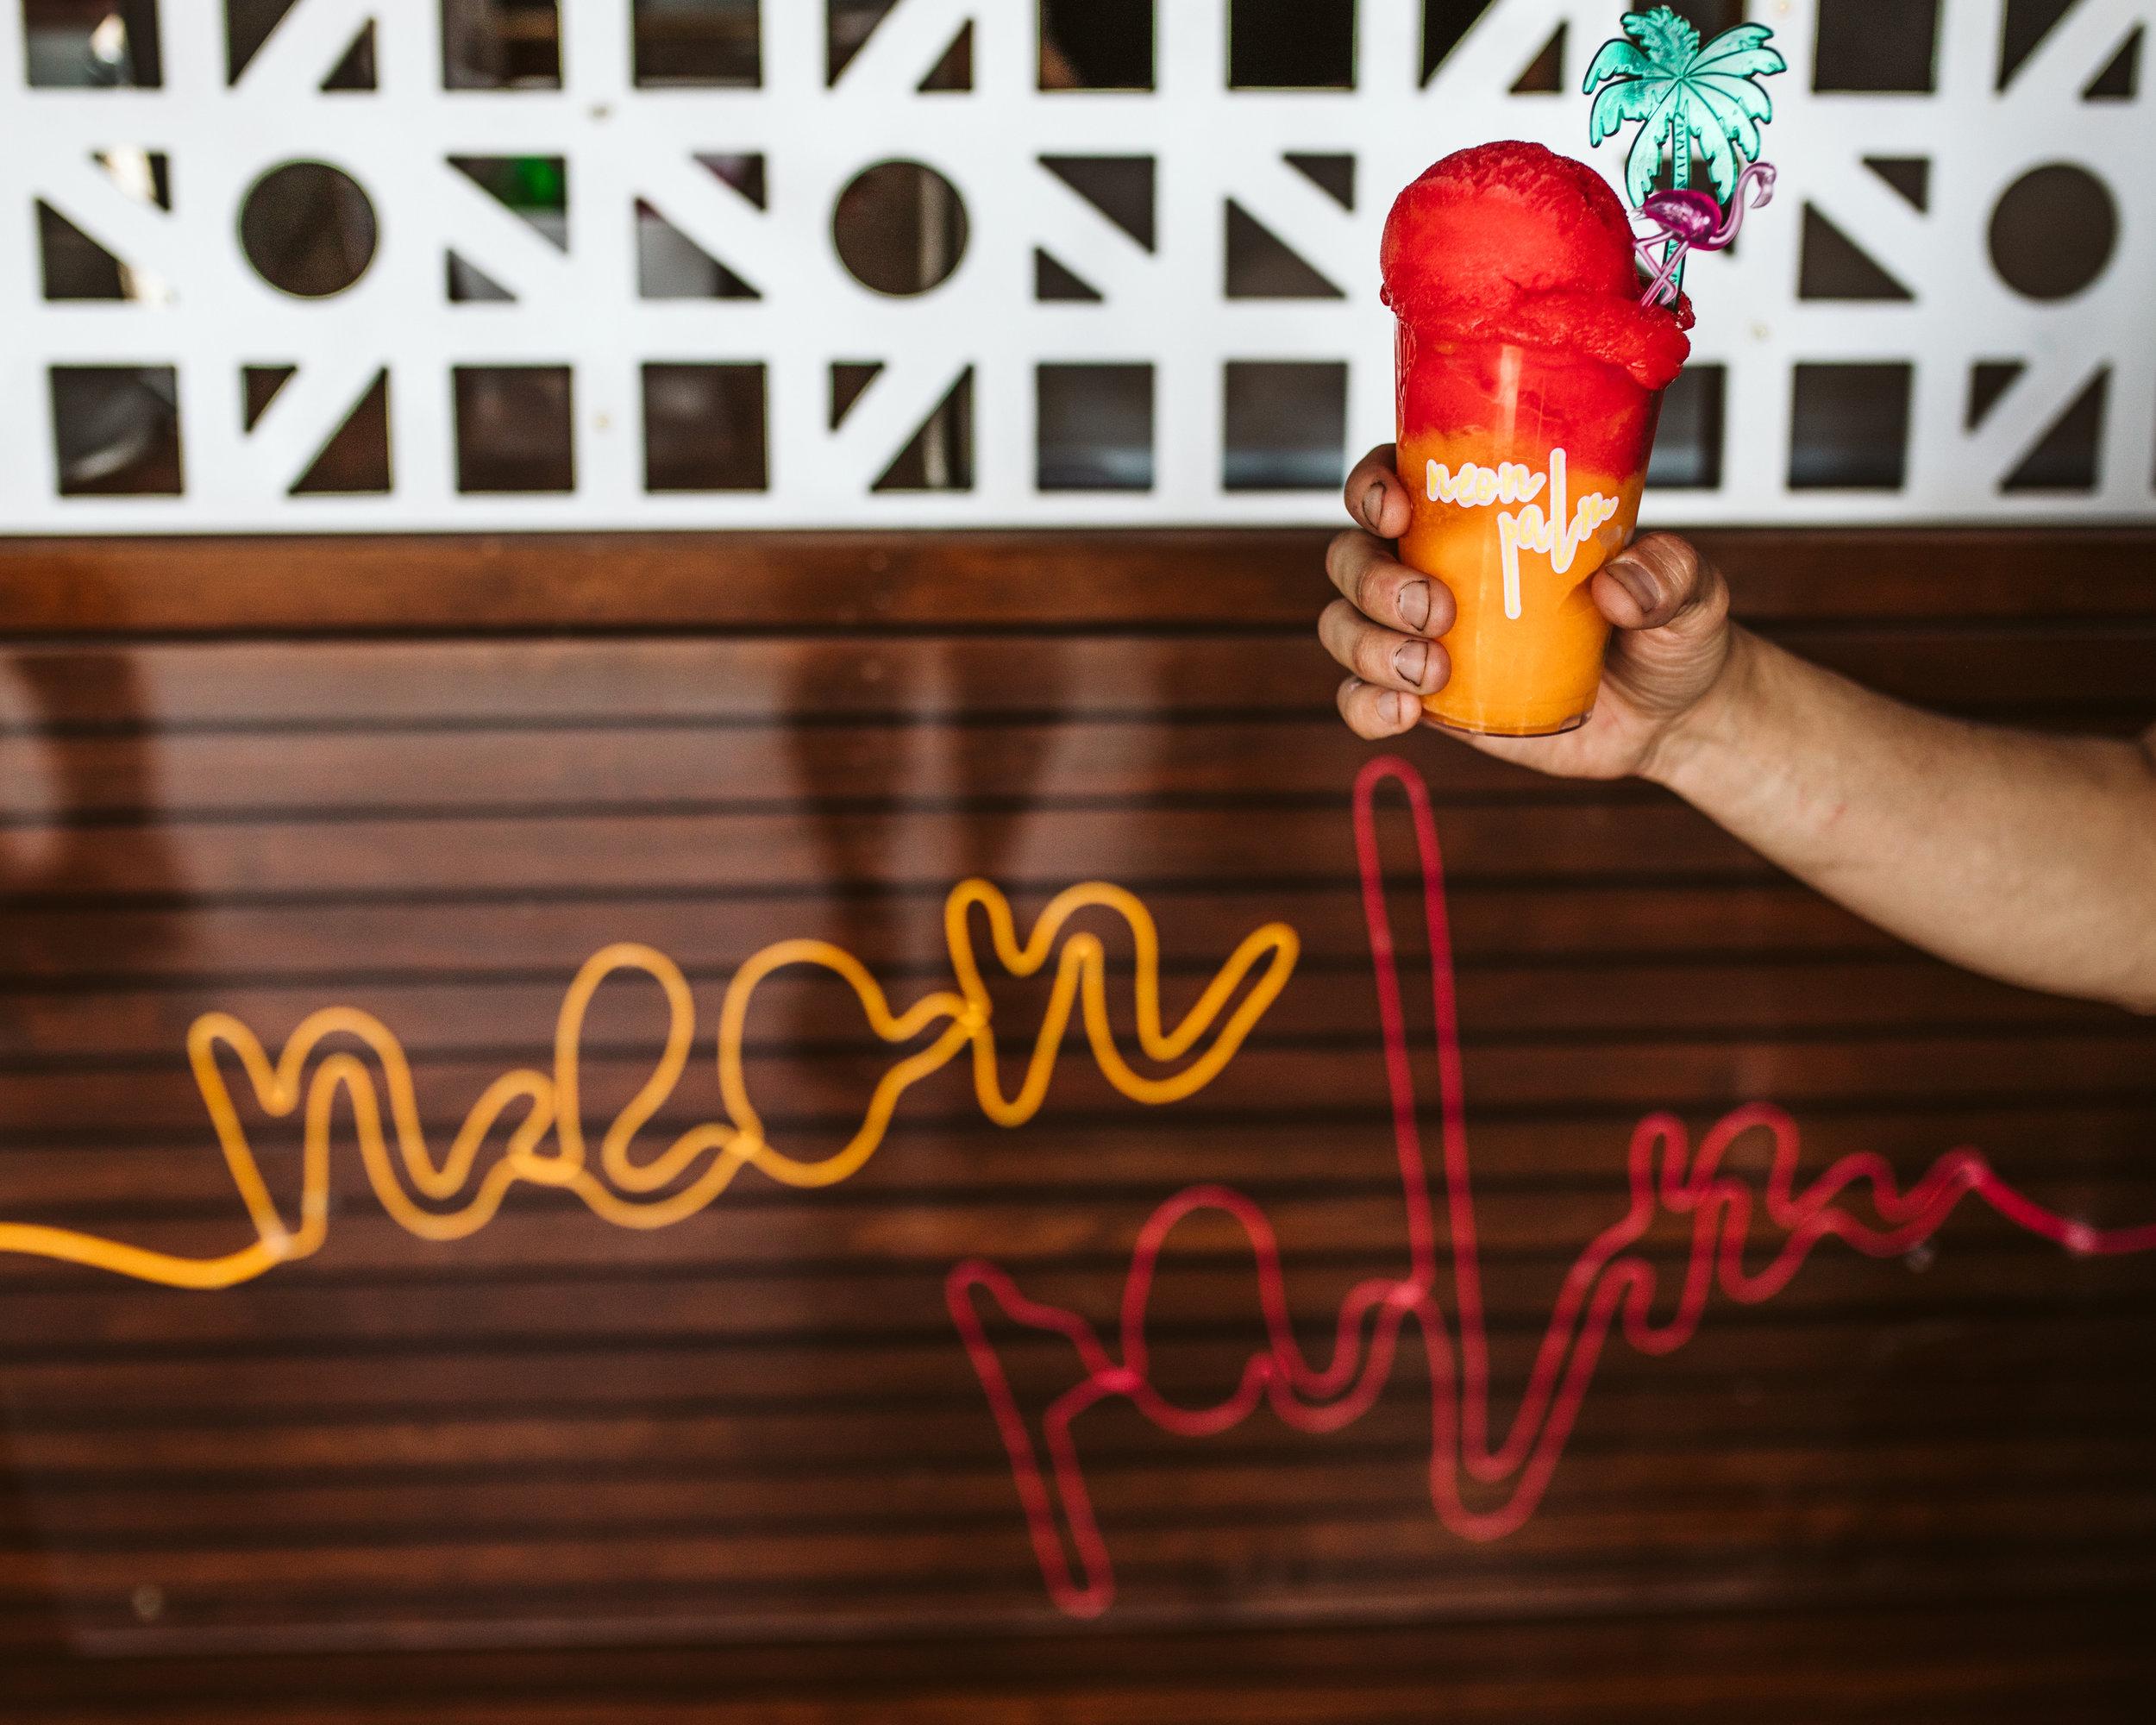 Neon_Palm_First_Friday_August_18___Adri_Guyer_Photo_01.jpg